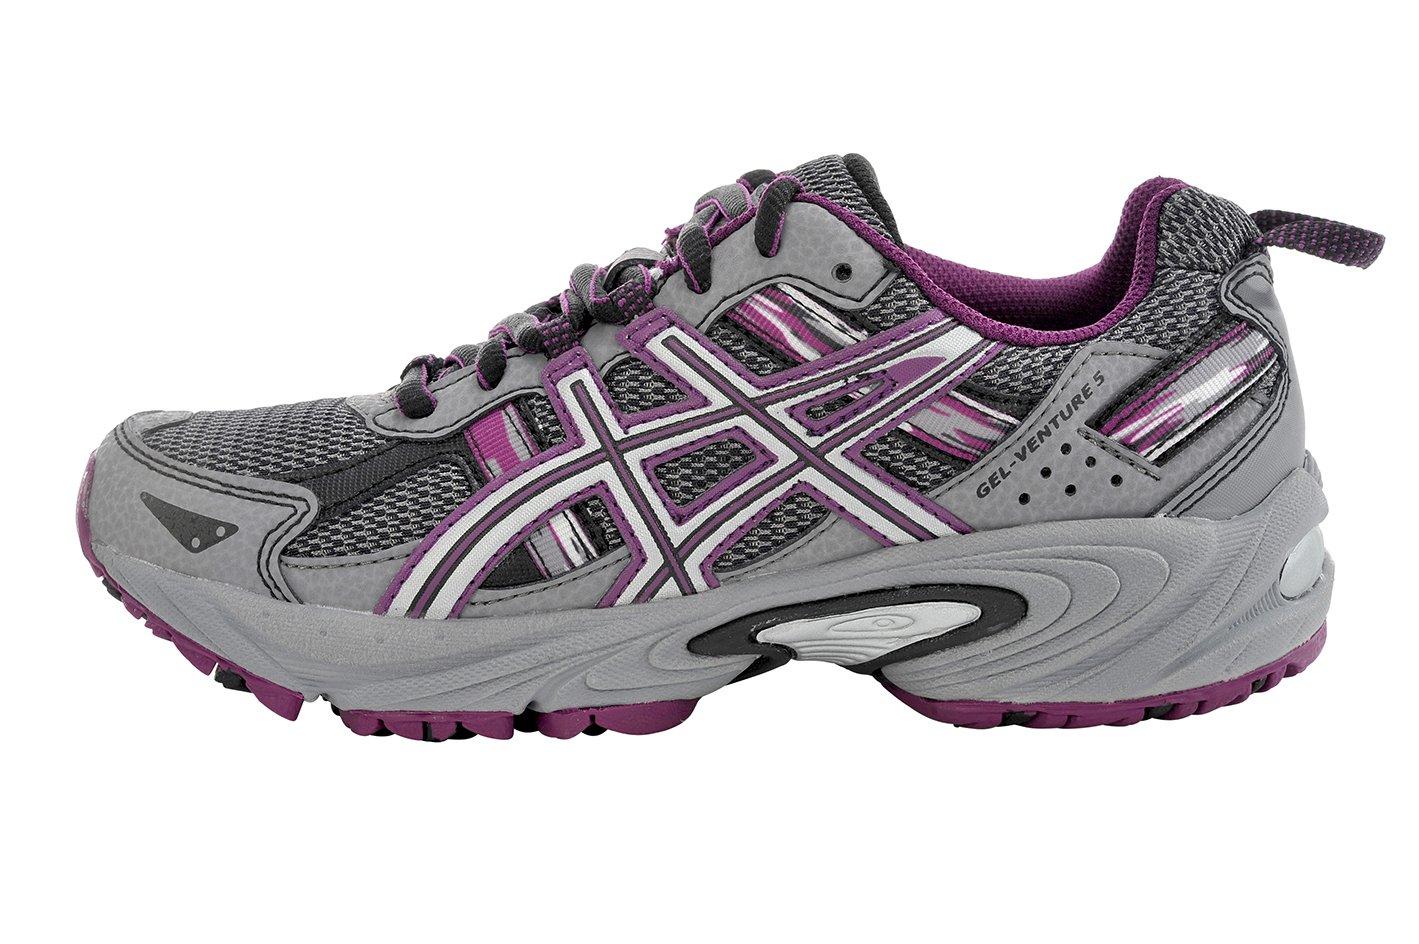 Zapato GEL de B01NBHZKQZ en mujer cours d exécution par Frost ASICS de GEL Venture 5 par mujer e563fdd - christopherbooneavalere.website